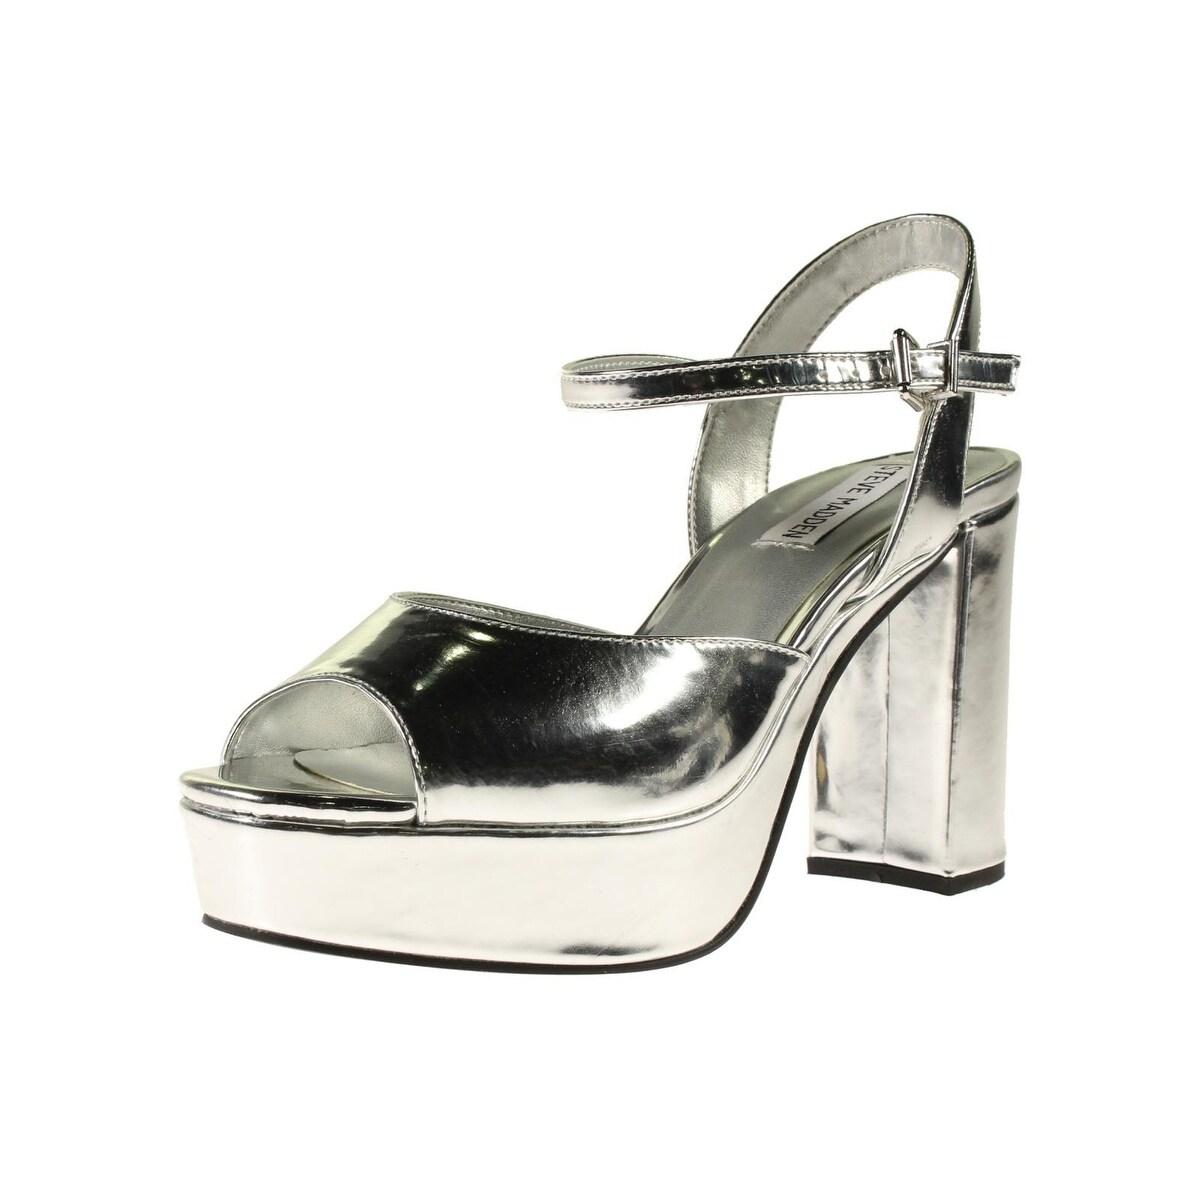 698f81e1c3a Steve Madden Womens Trysta Platform Sandals Block Heel